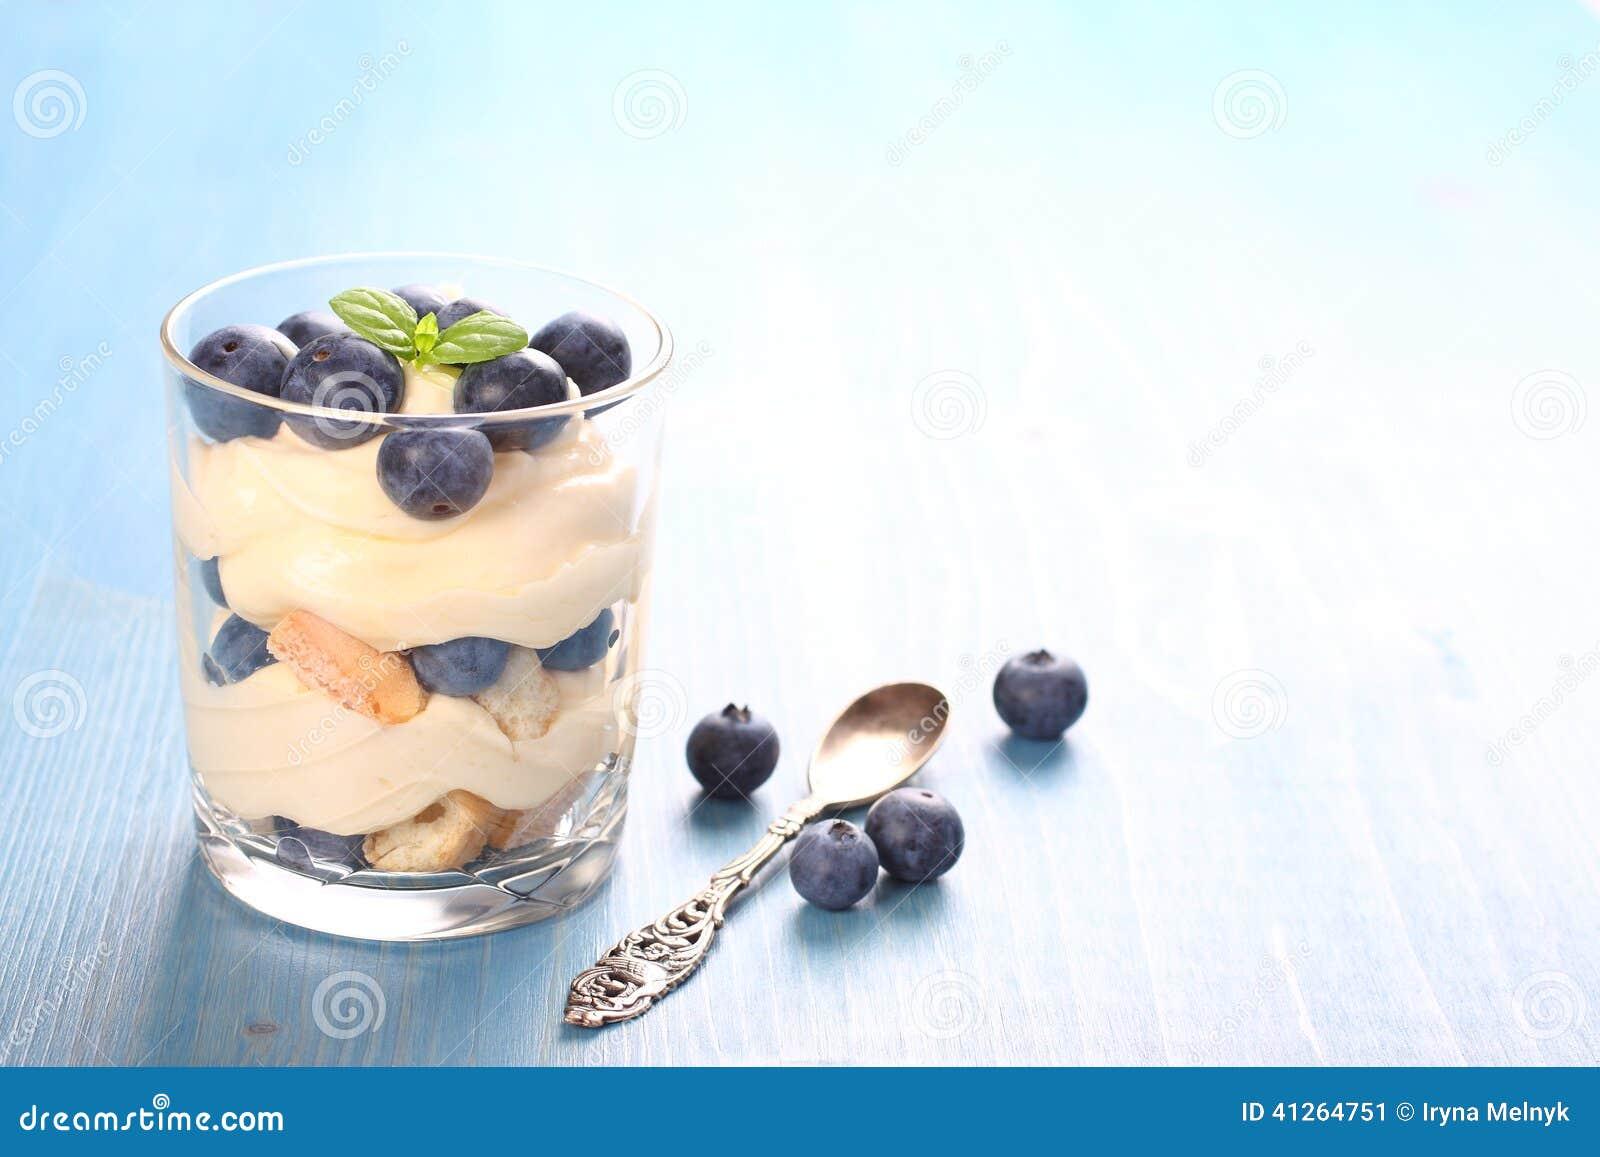 新鲜的蓝莓分层了堆积有mascarpone奶油和曲奇饼的沙漠